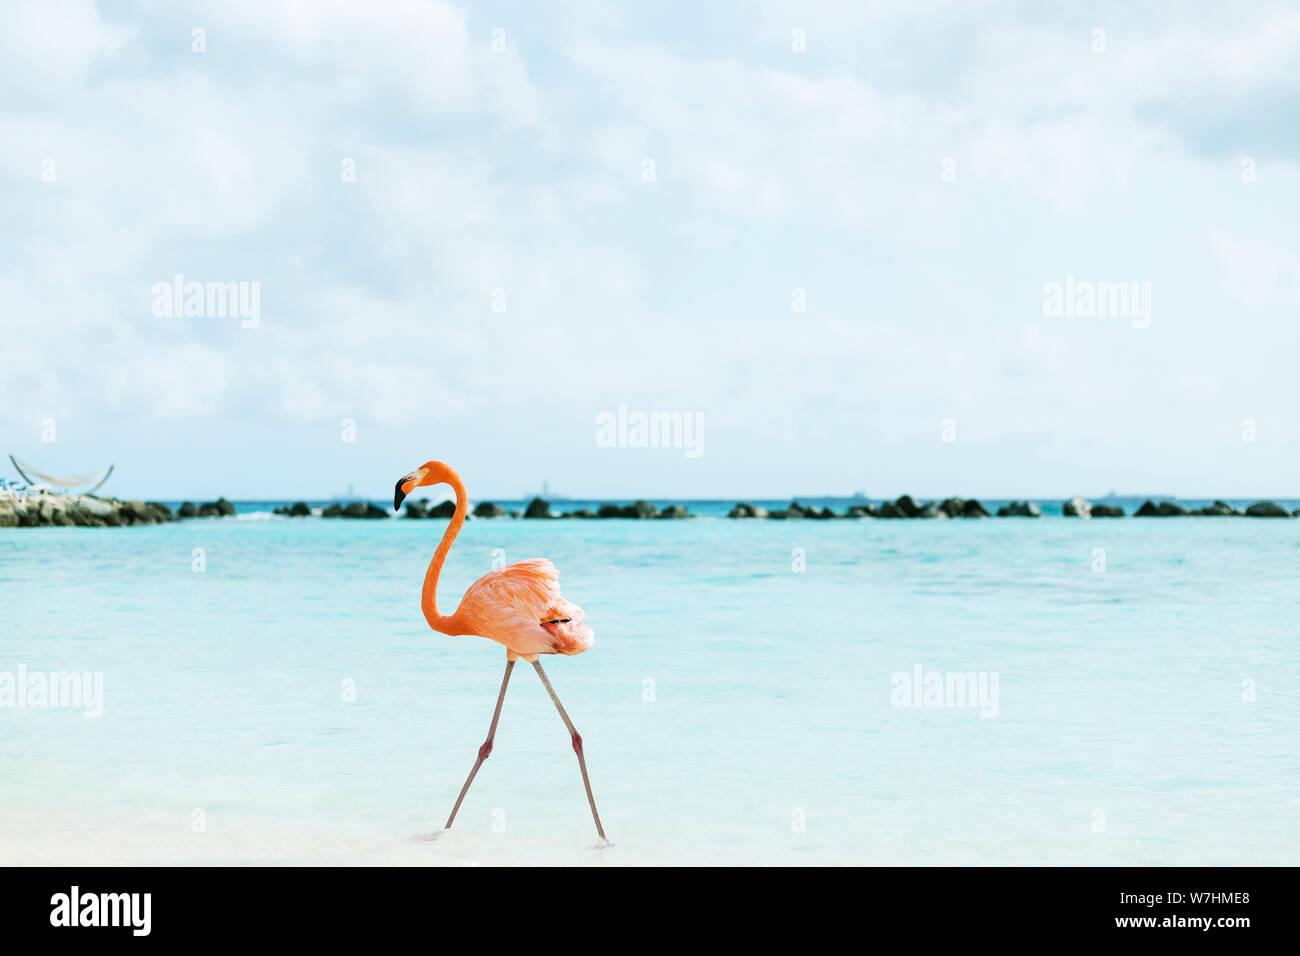 Flamingos am Flamingo Beach auf Aruba, niederländische Antillen, Flamingo am Strand Stock Photo